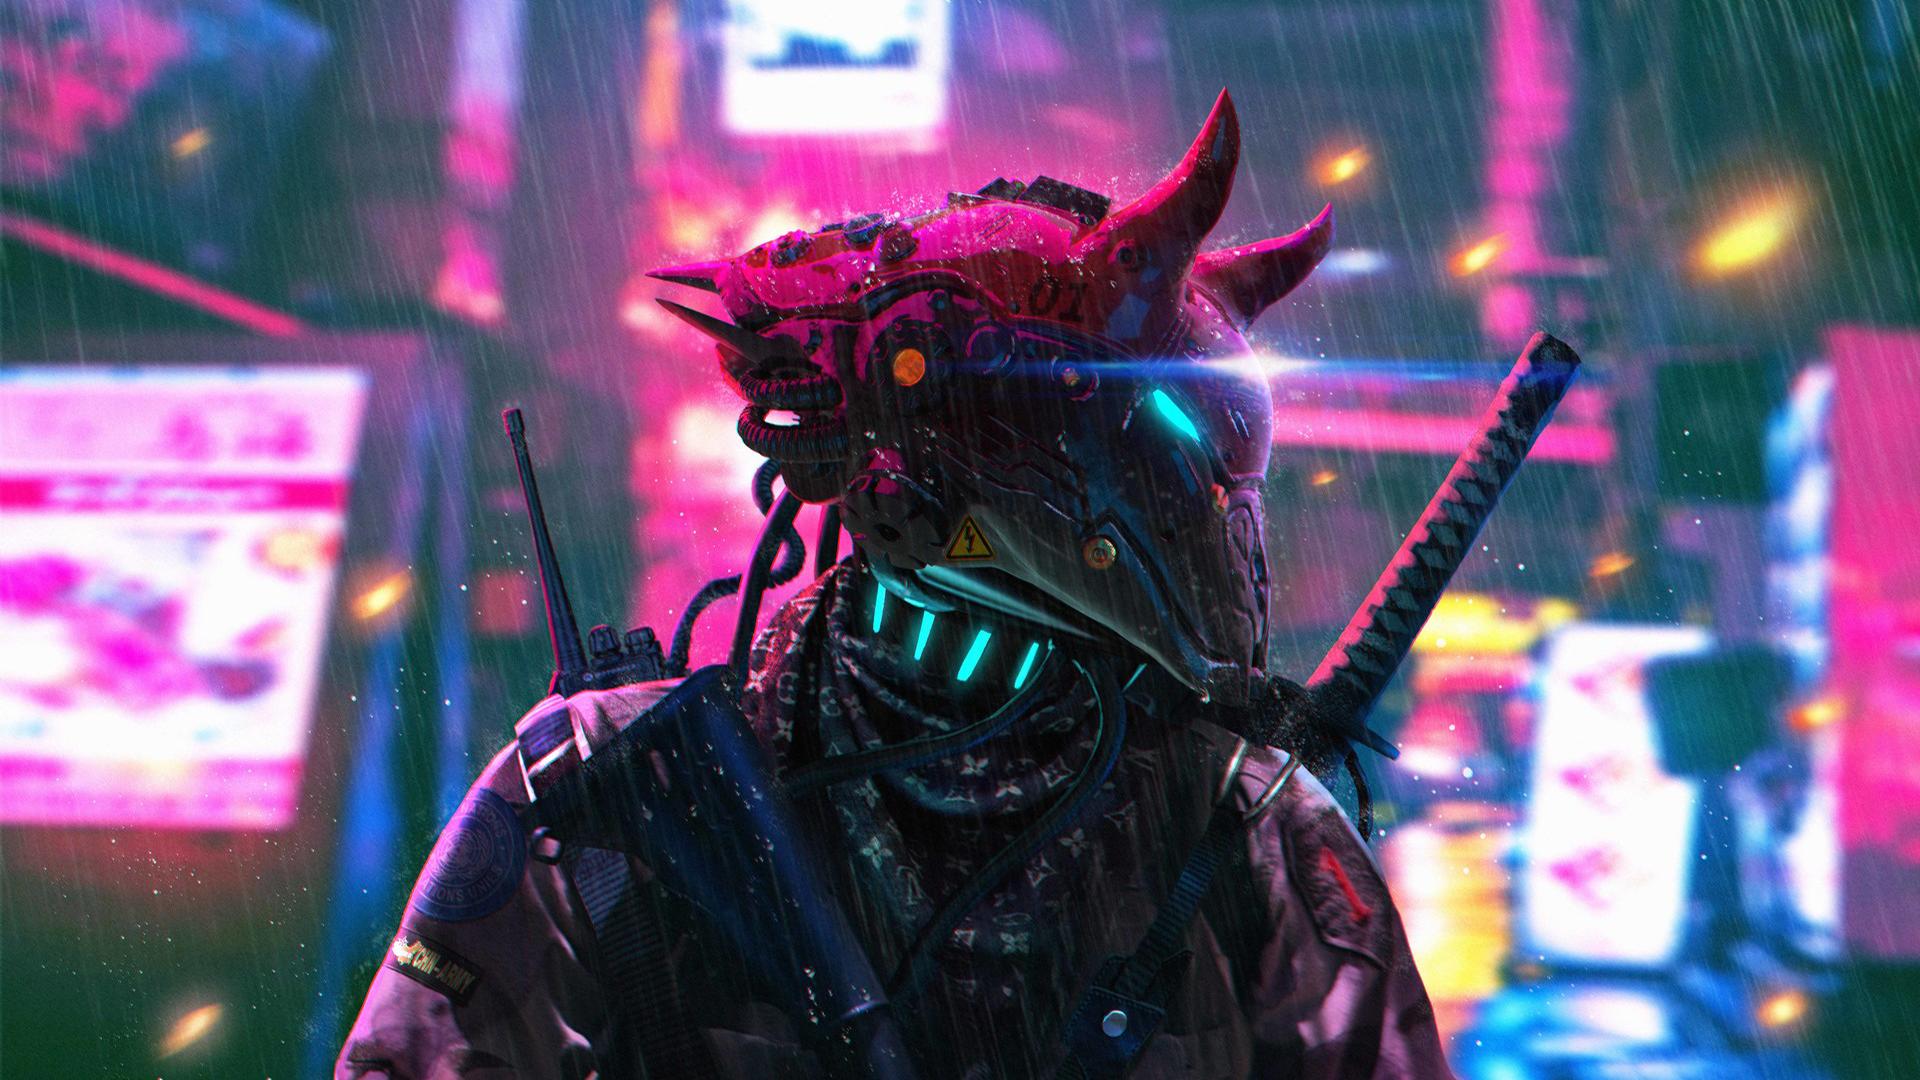 cyberpunk portrait [1920x1080] Cyberpunk, Papel de